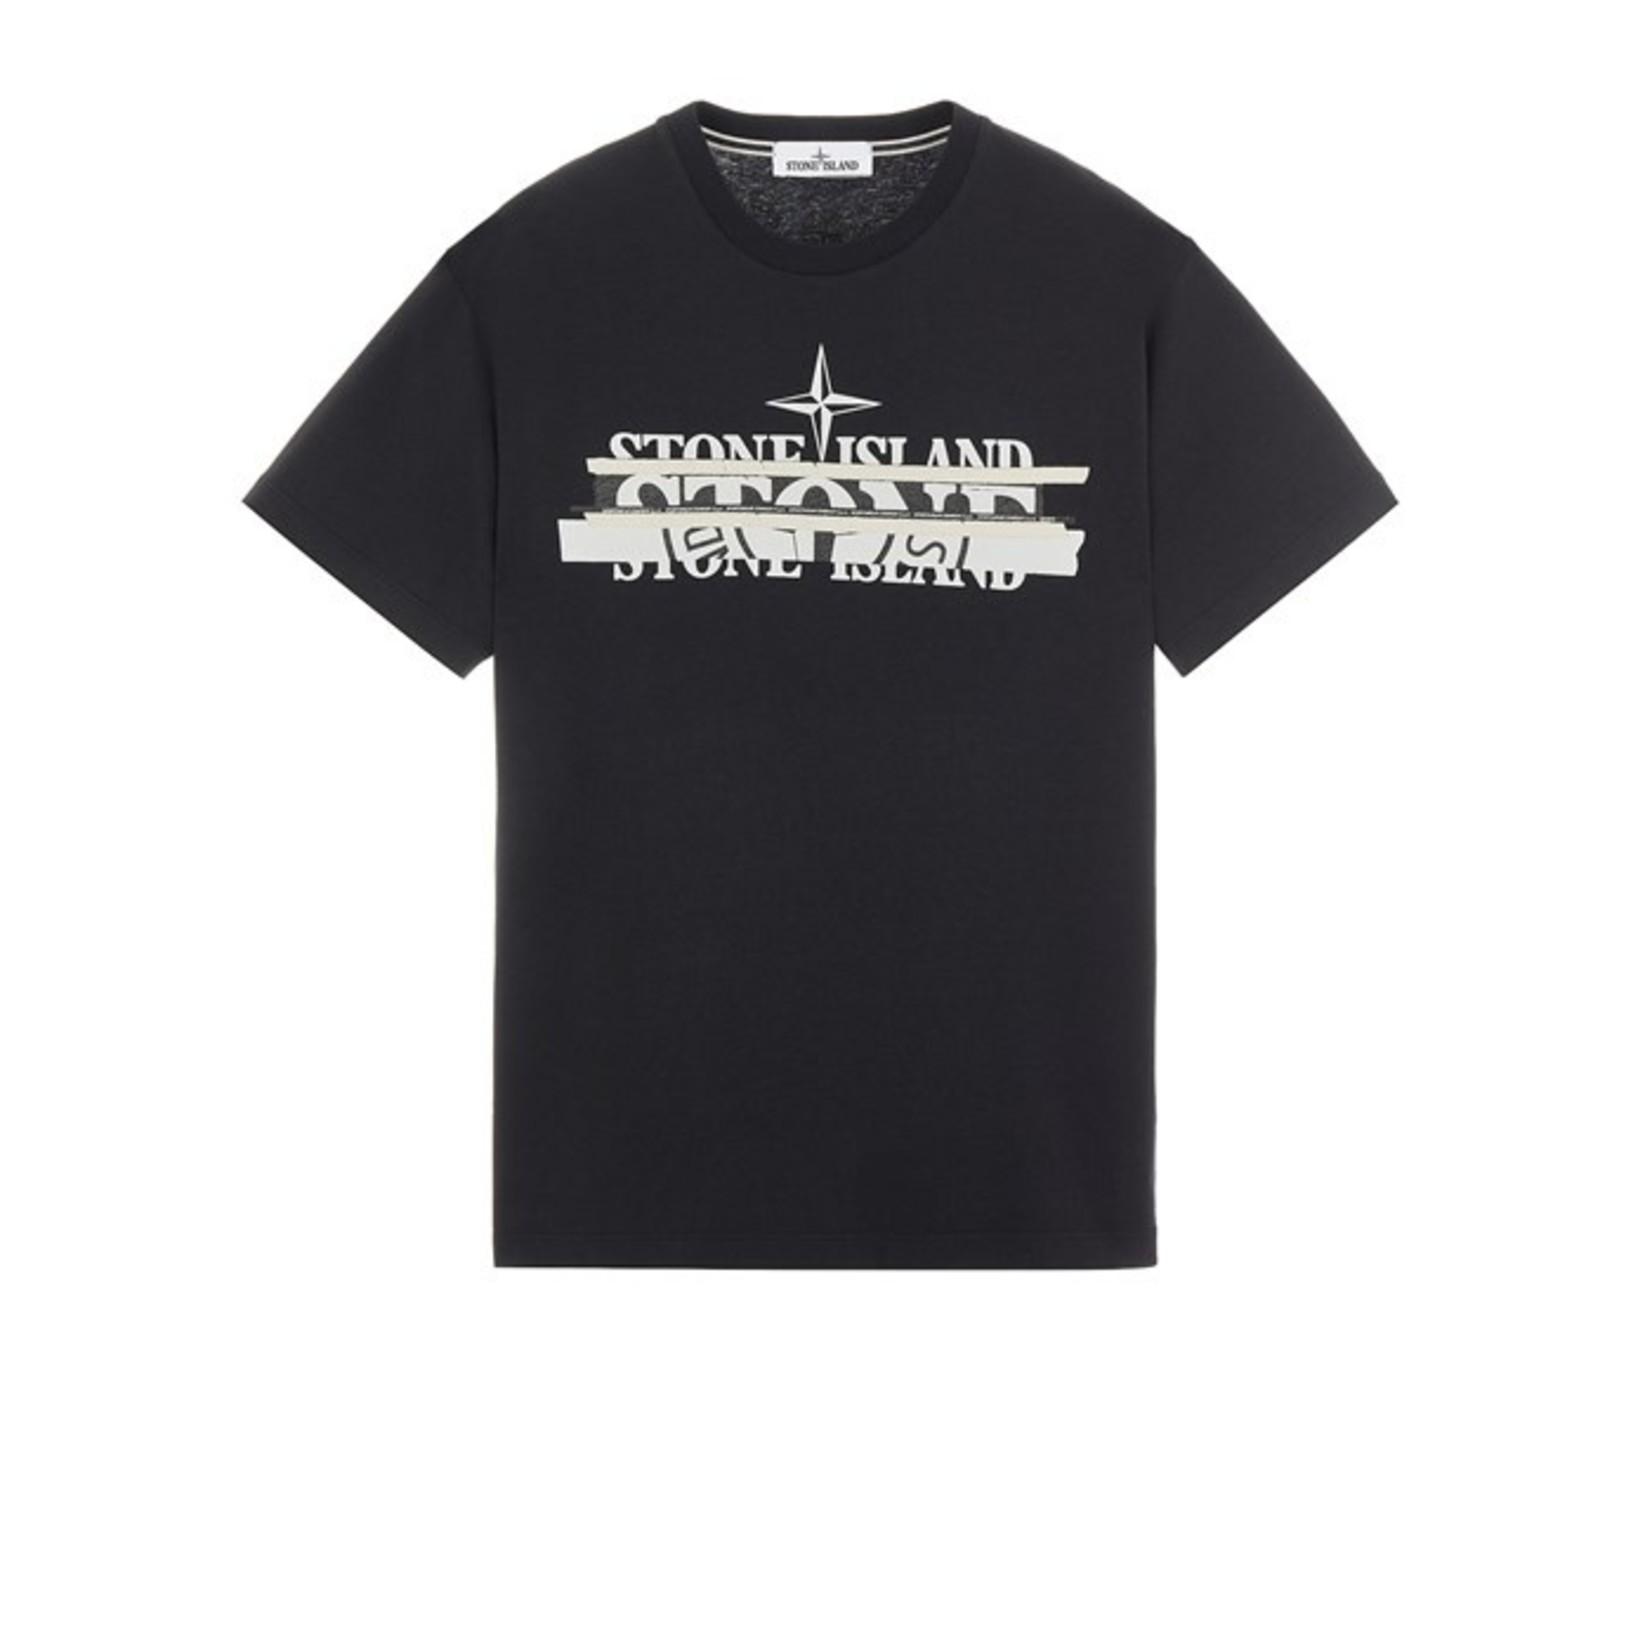 Stone Island mixed media one t-shirt